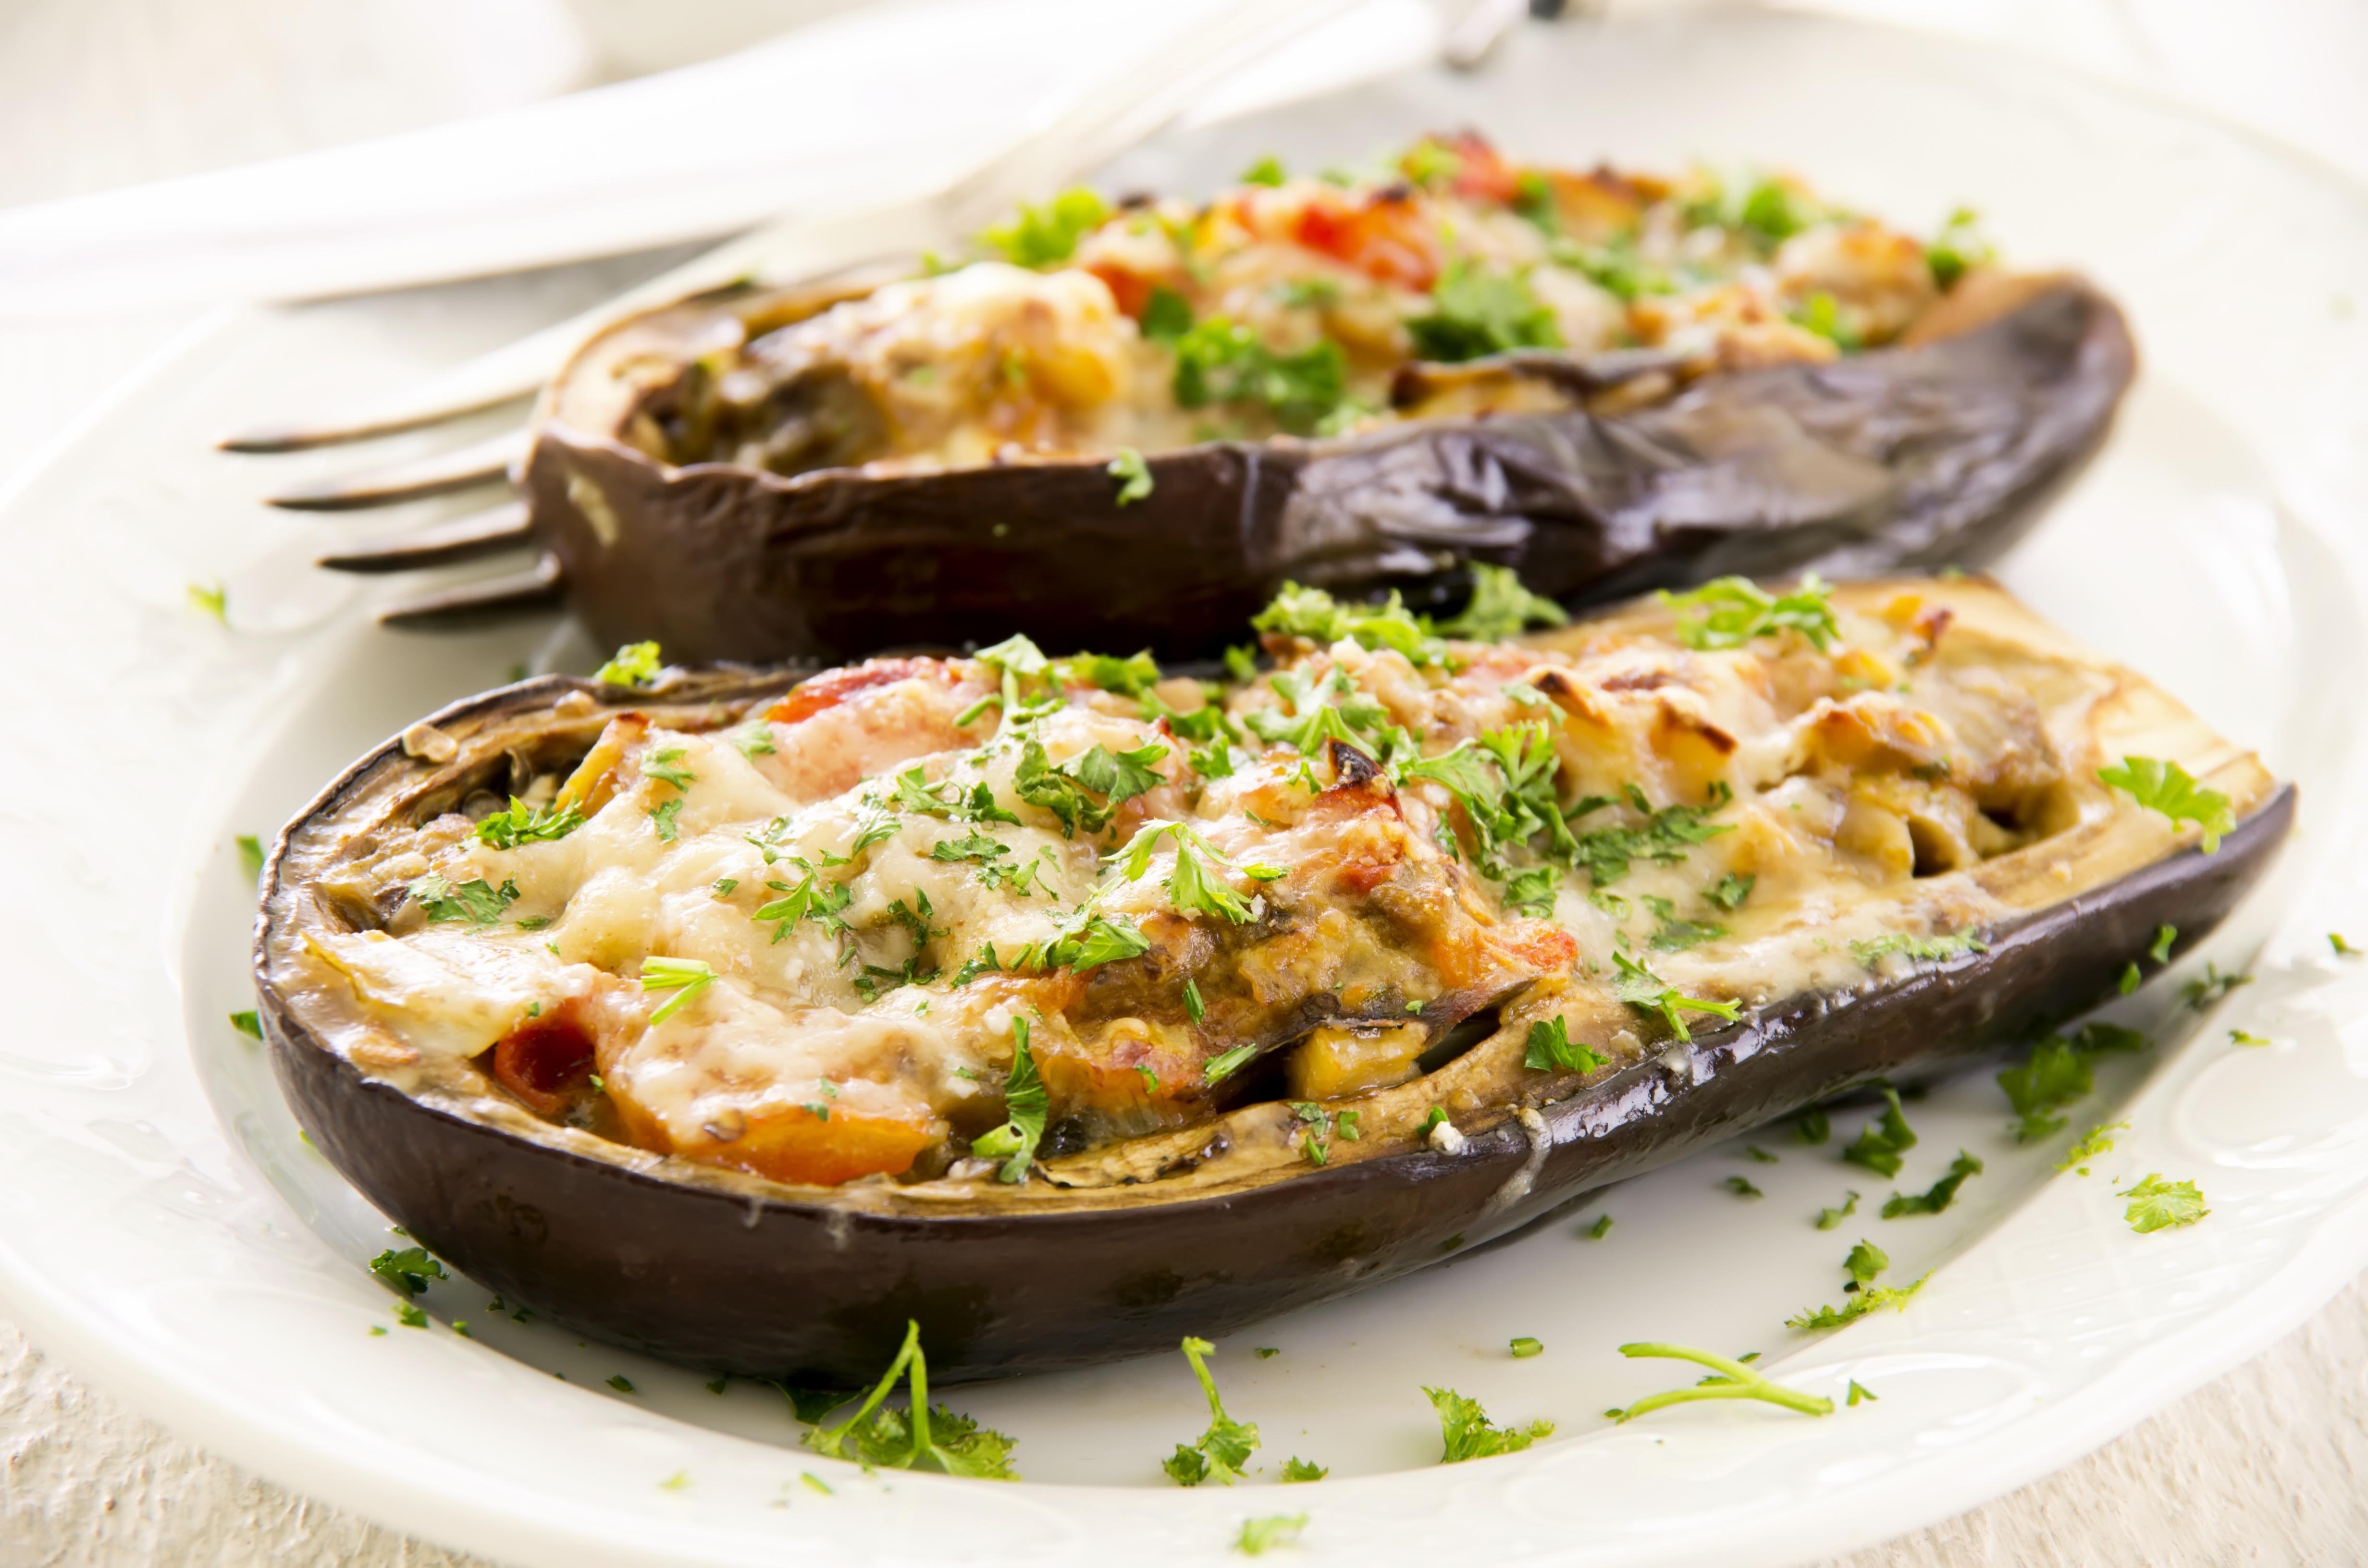 bakłażan faszerowany warzywami i serem